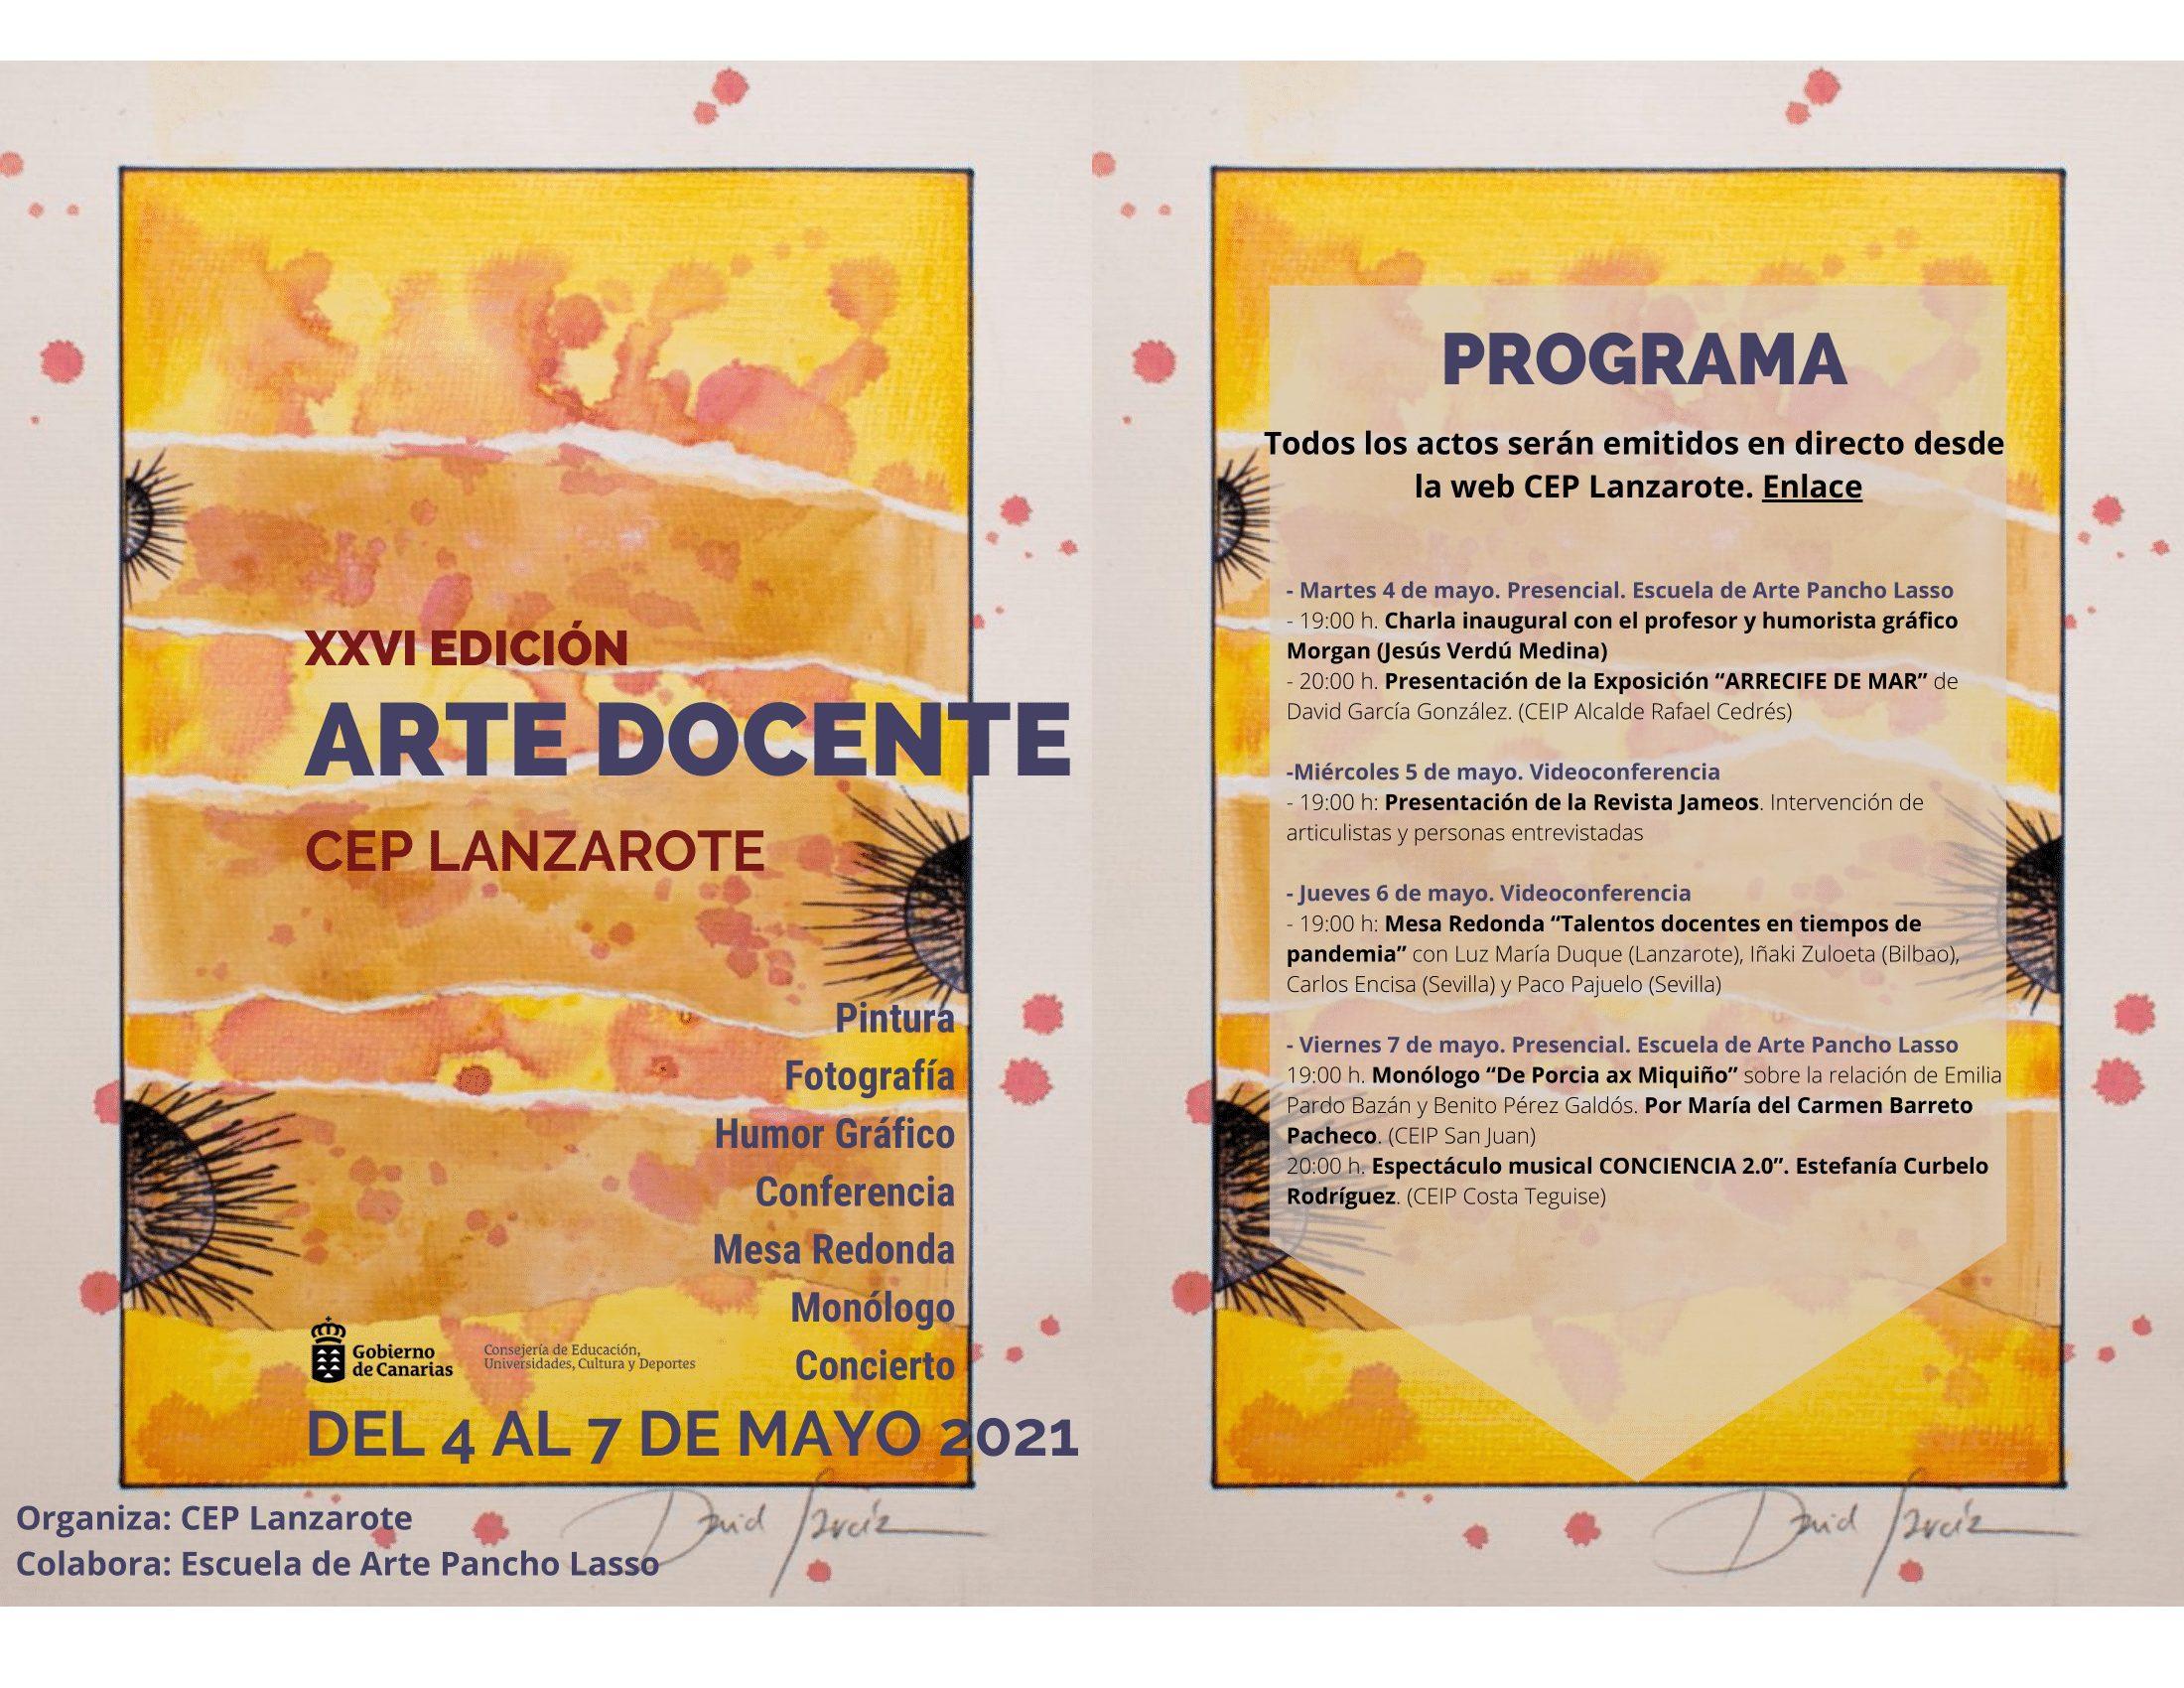 El CEP de Lanzarote recupera Arte docente